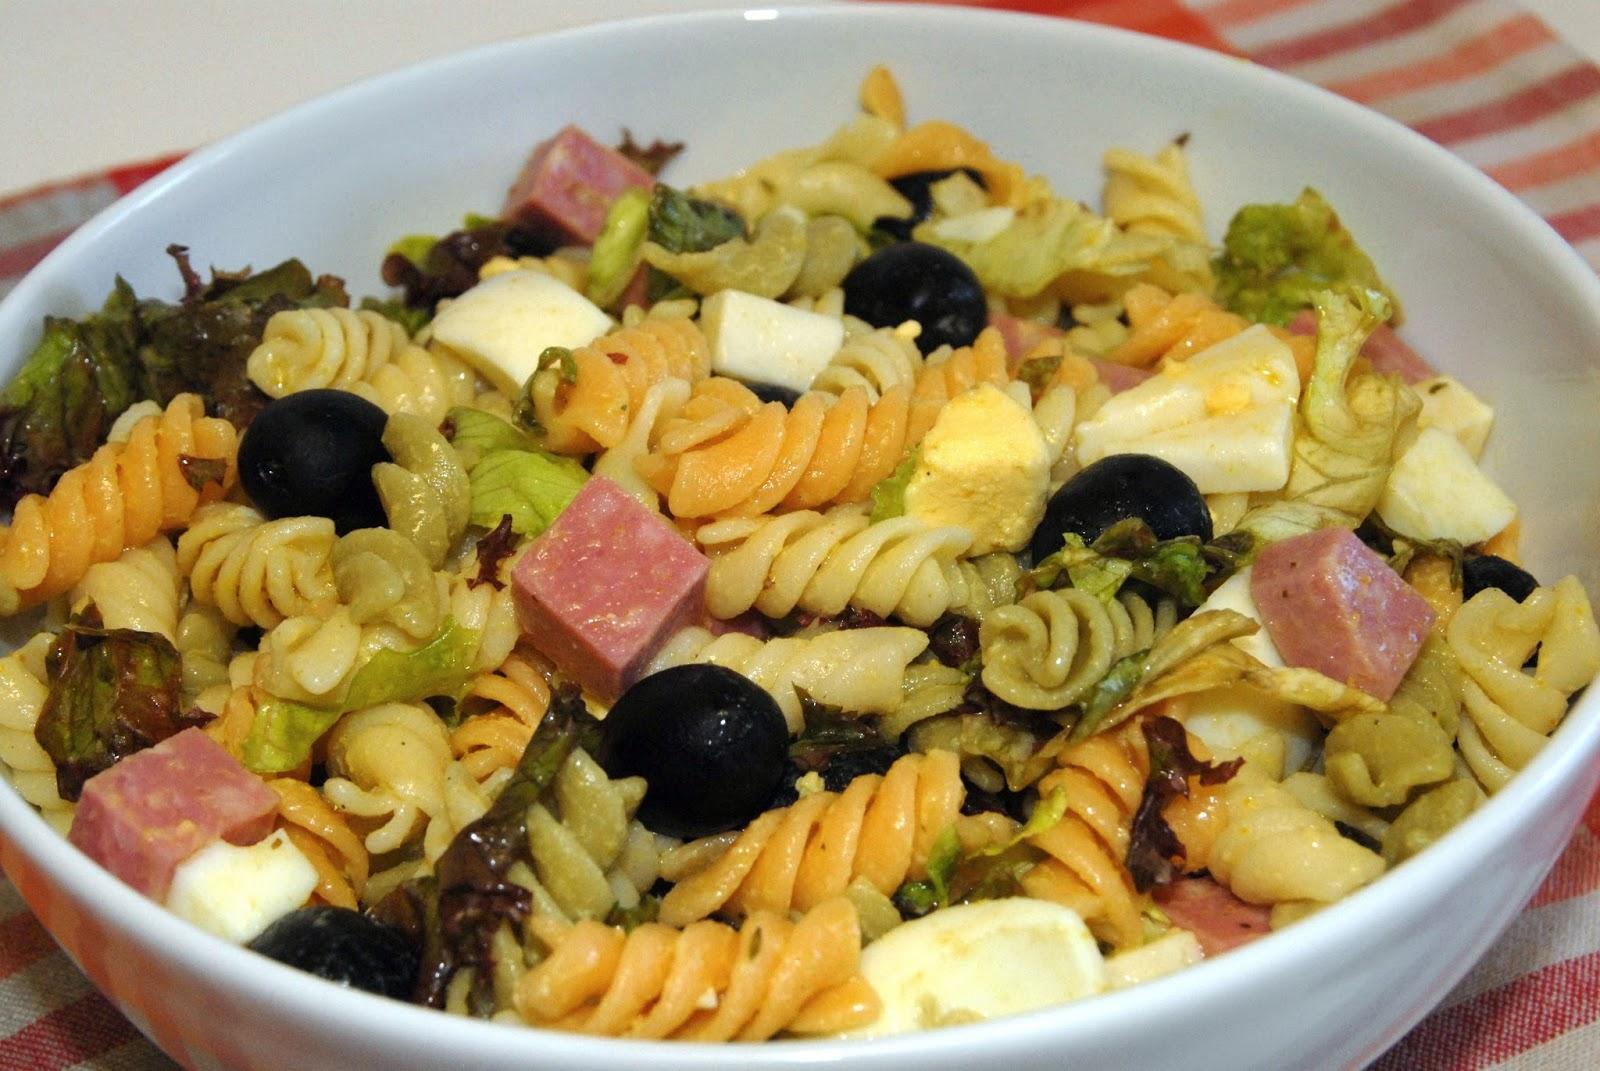 Receta paso a paso de una deliciosa ensalada de pasta con mortadela